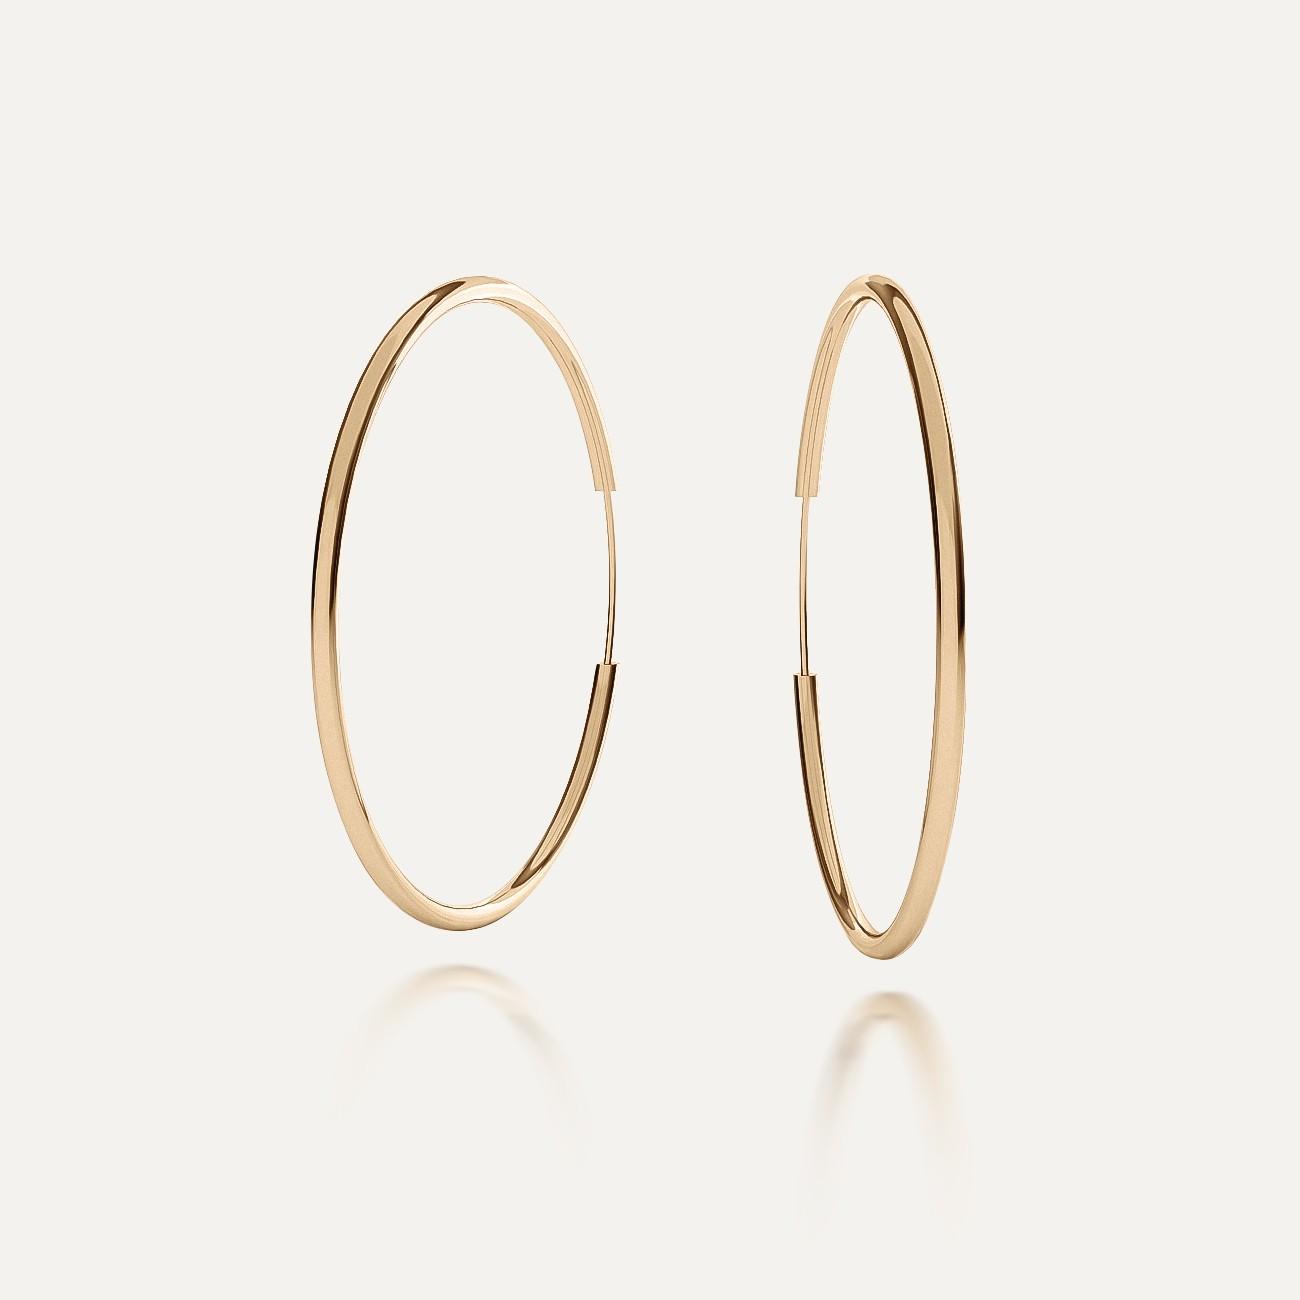 Round hoop earrings 4,0 cm, charm base